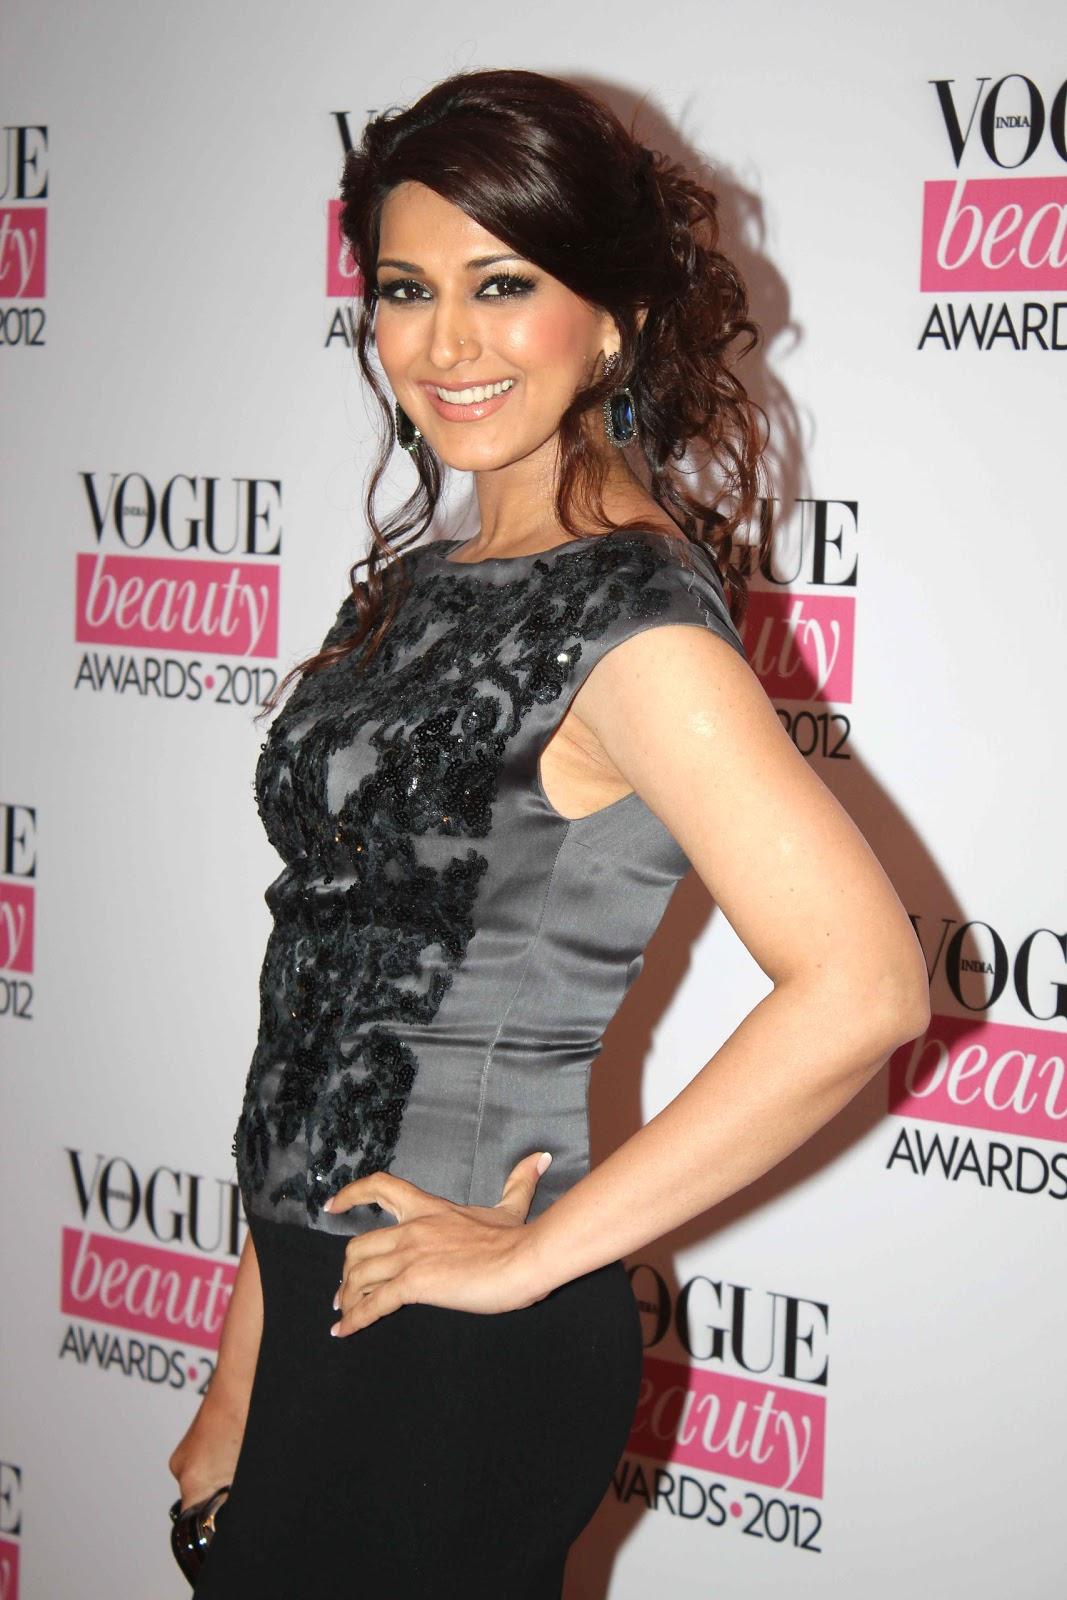 Hot Starts At The Vogue Beauty Awards 2012